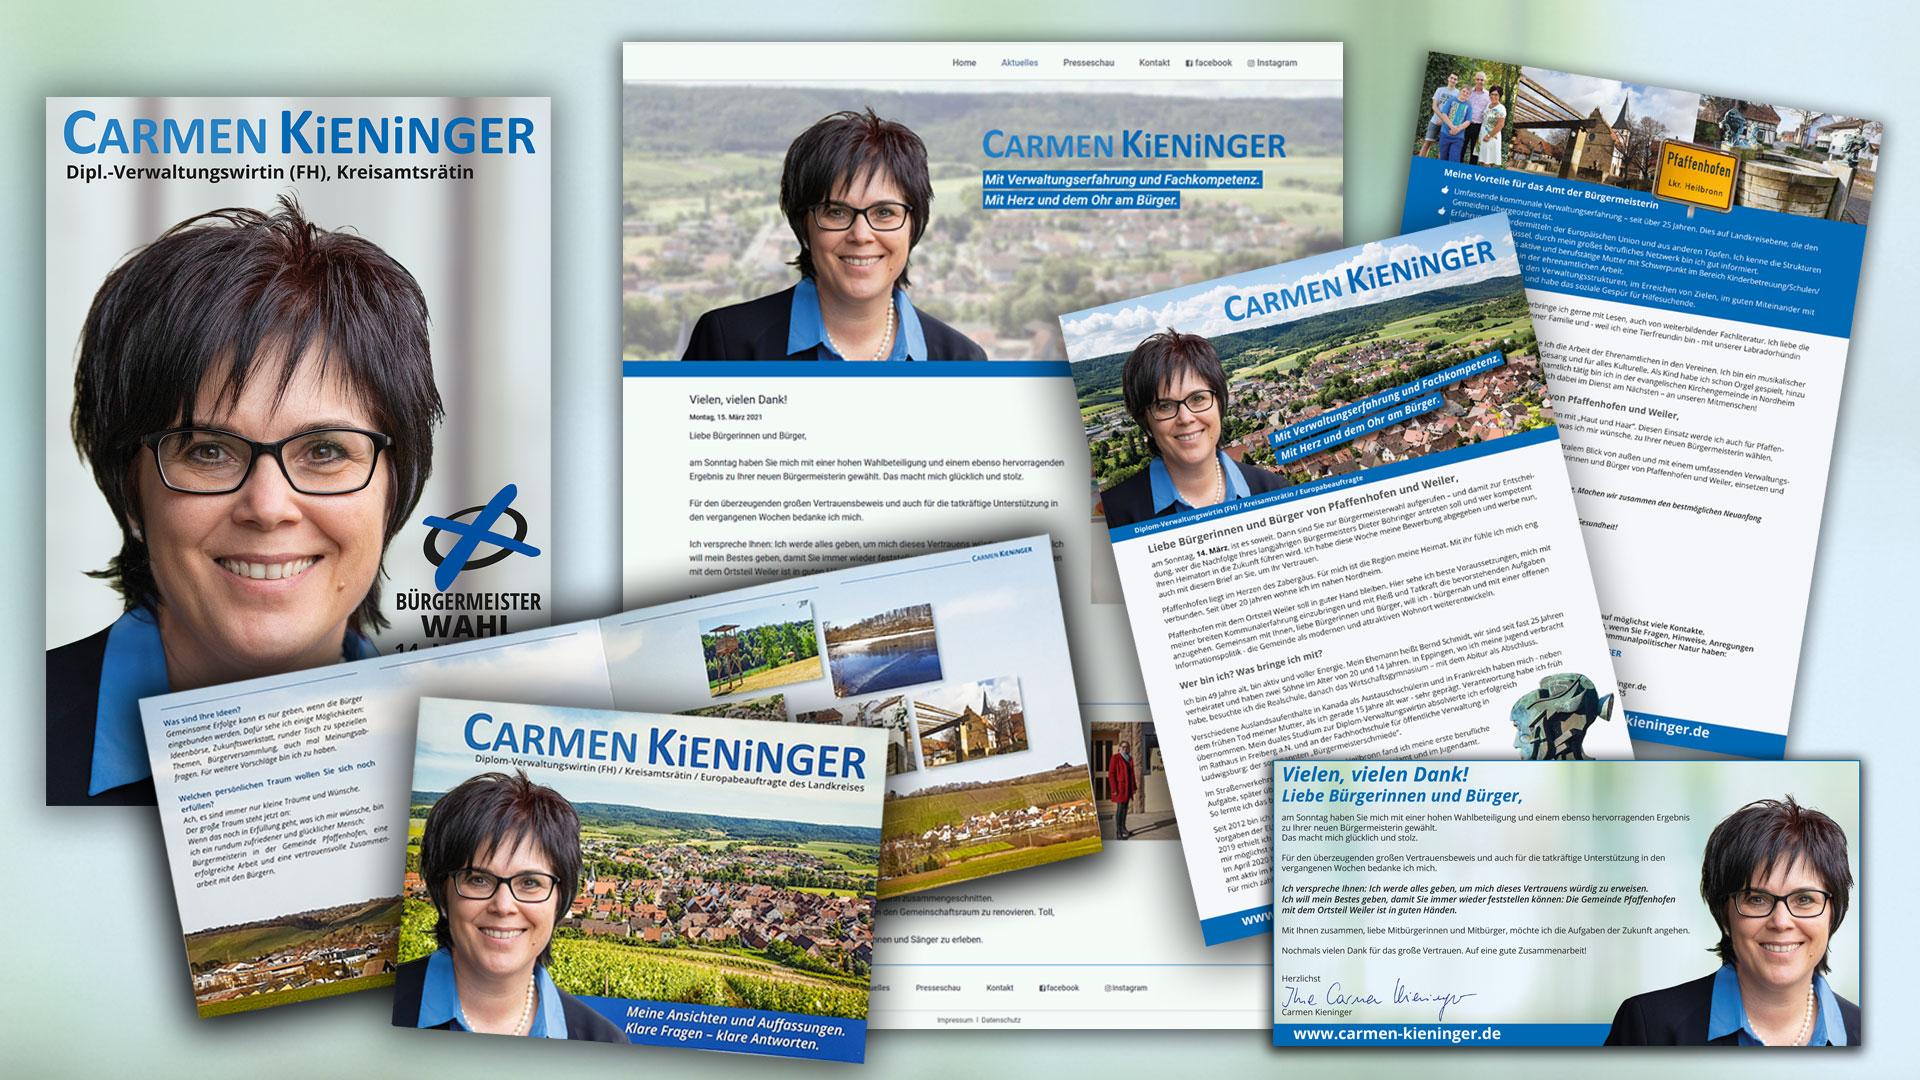 Carmen Kieninger gewinnt Bürgermeisterwahl in Pfaffenhofen